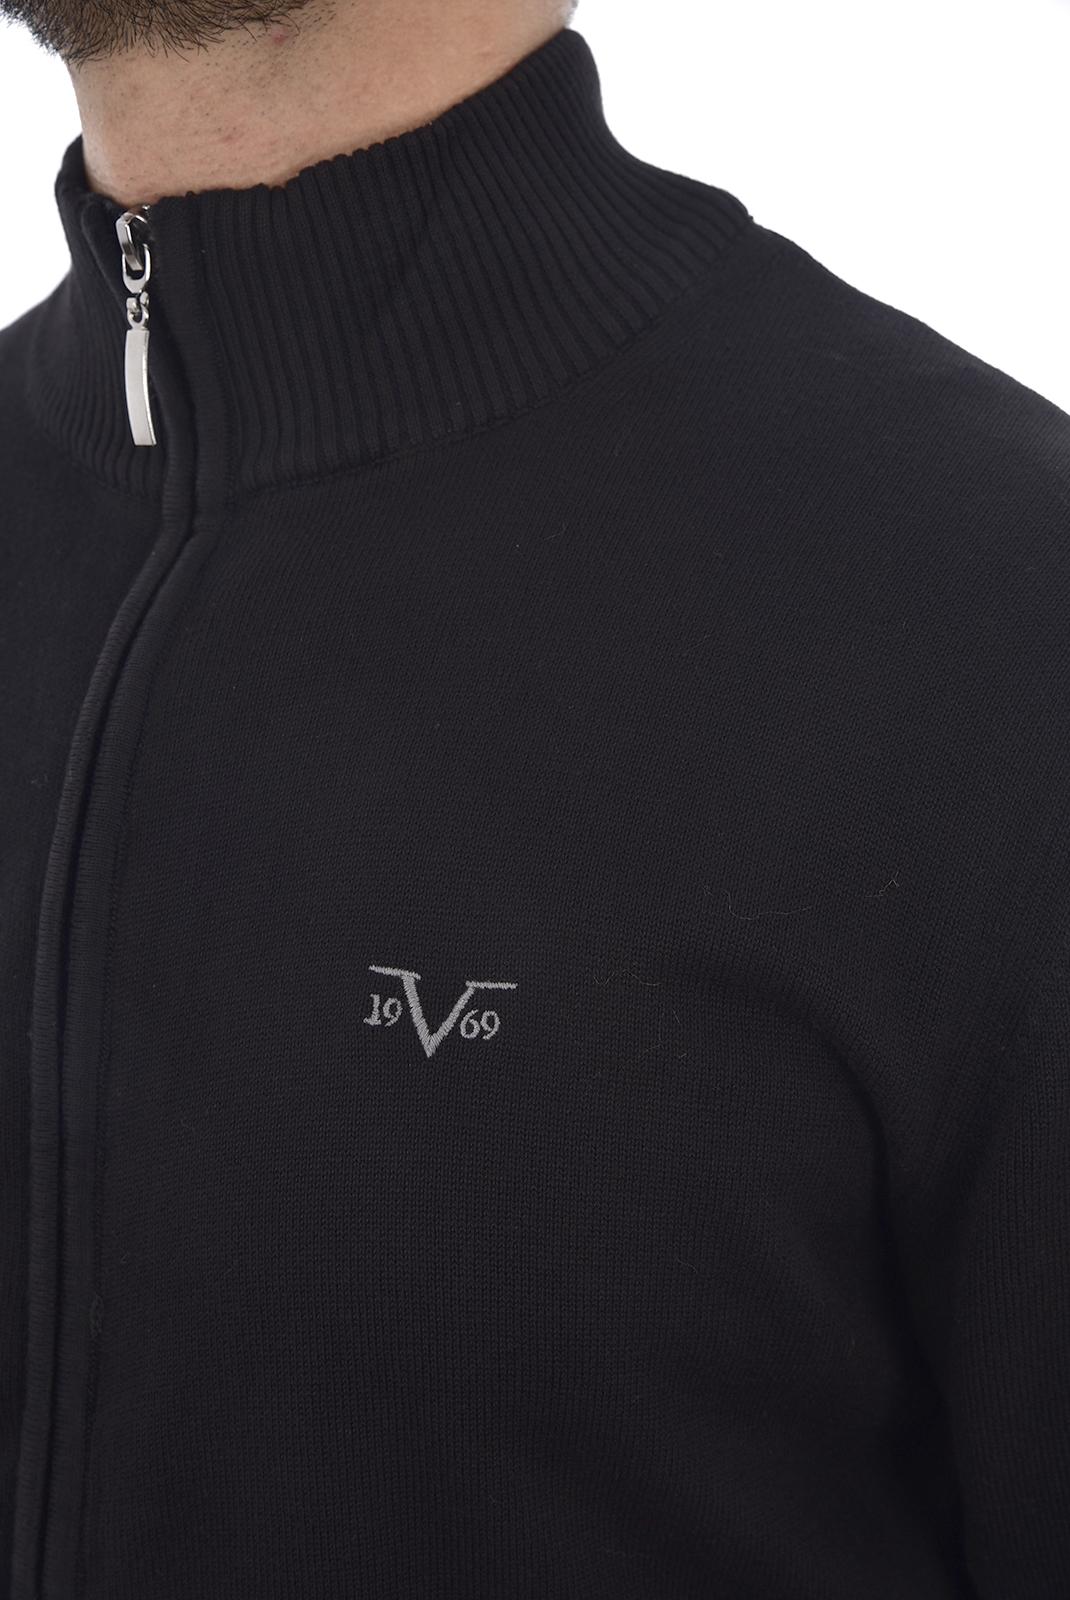 Gilets  19V69 by Versace 1969 VERNANTE BLACK